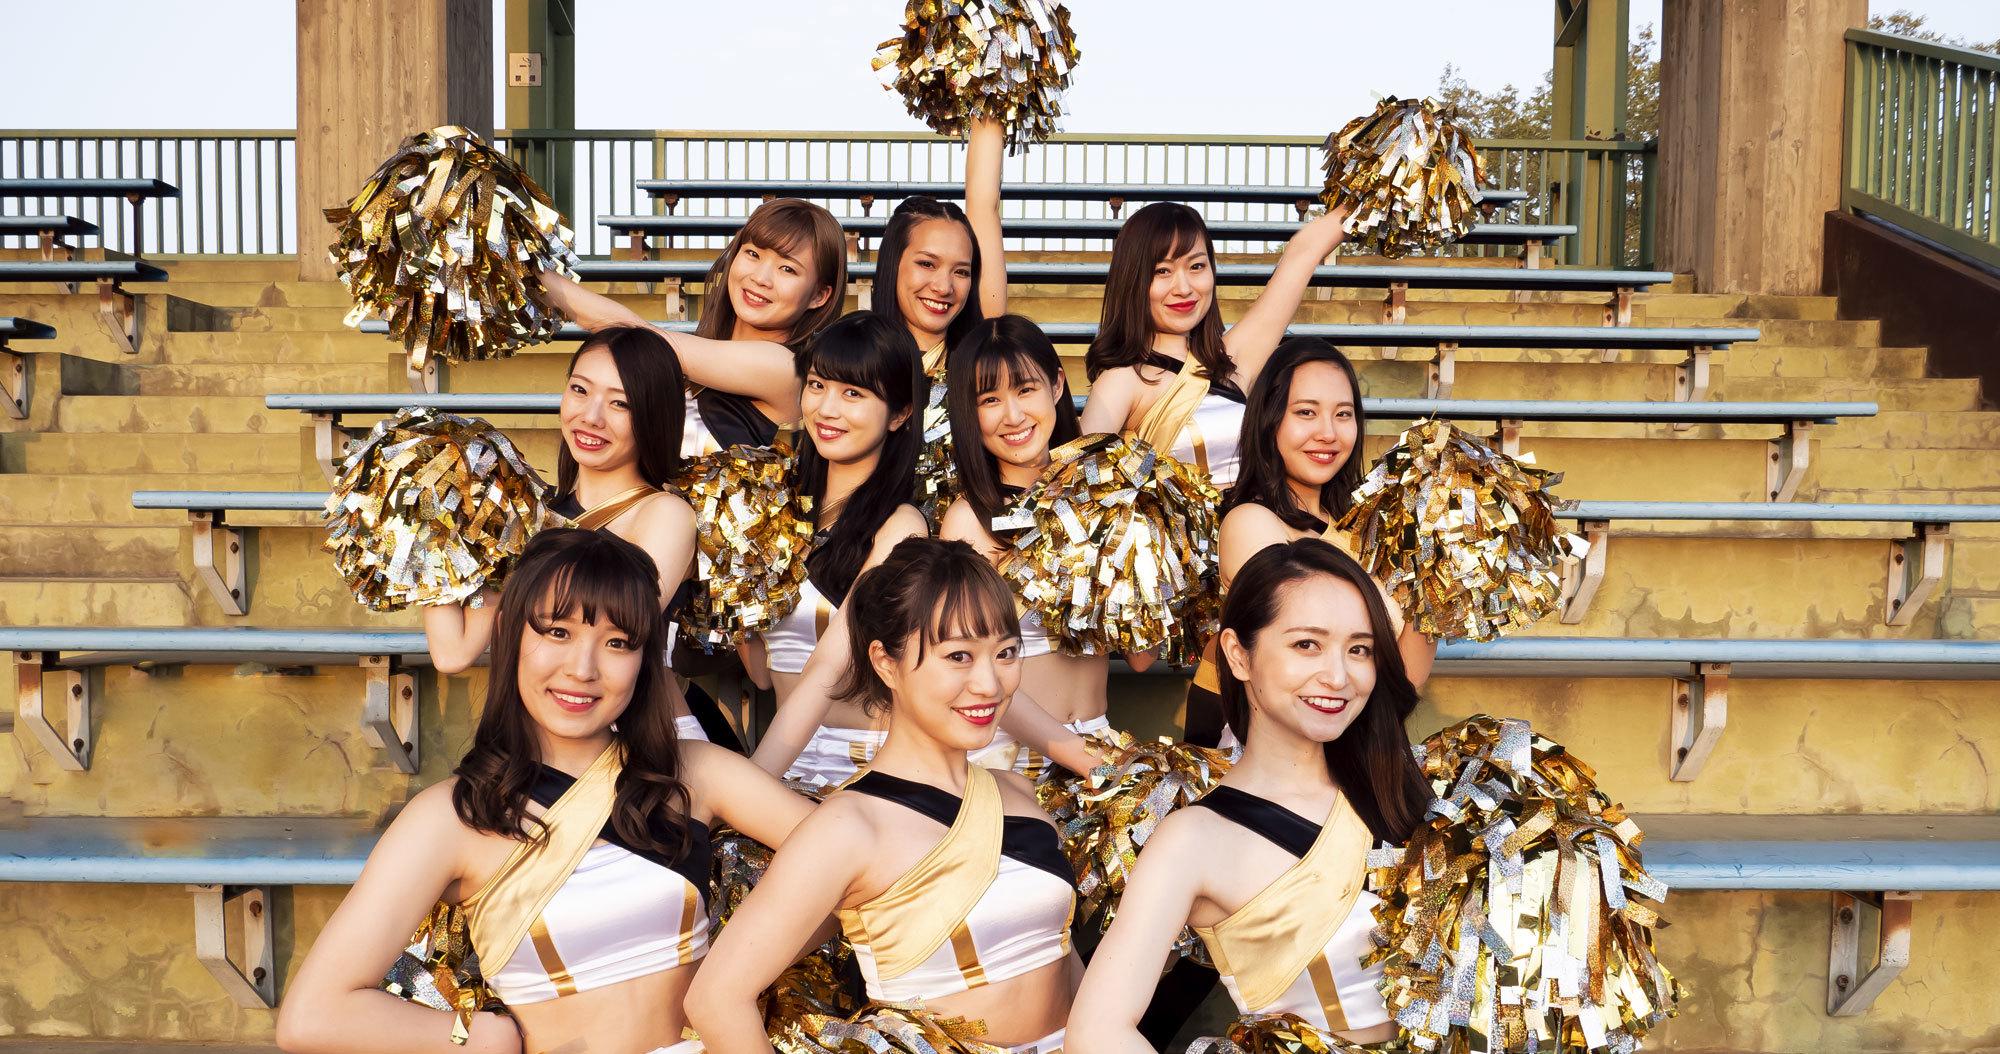 栃木ゴールデンブレーブスのオフィシャルチアパフォーマンスチーム「GOLD LUSH」